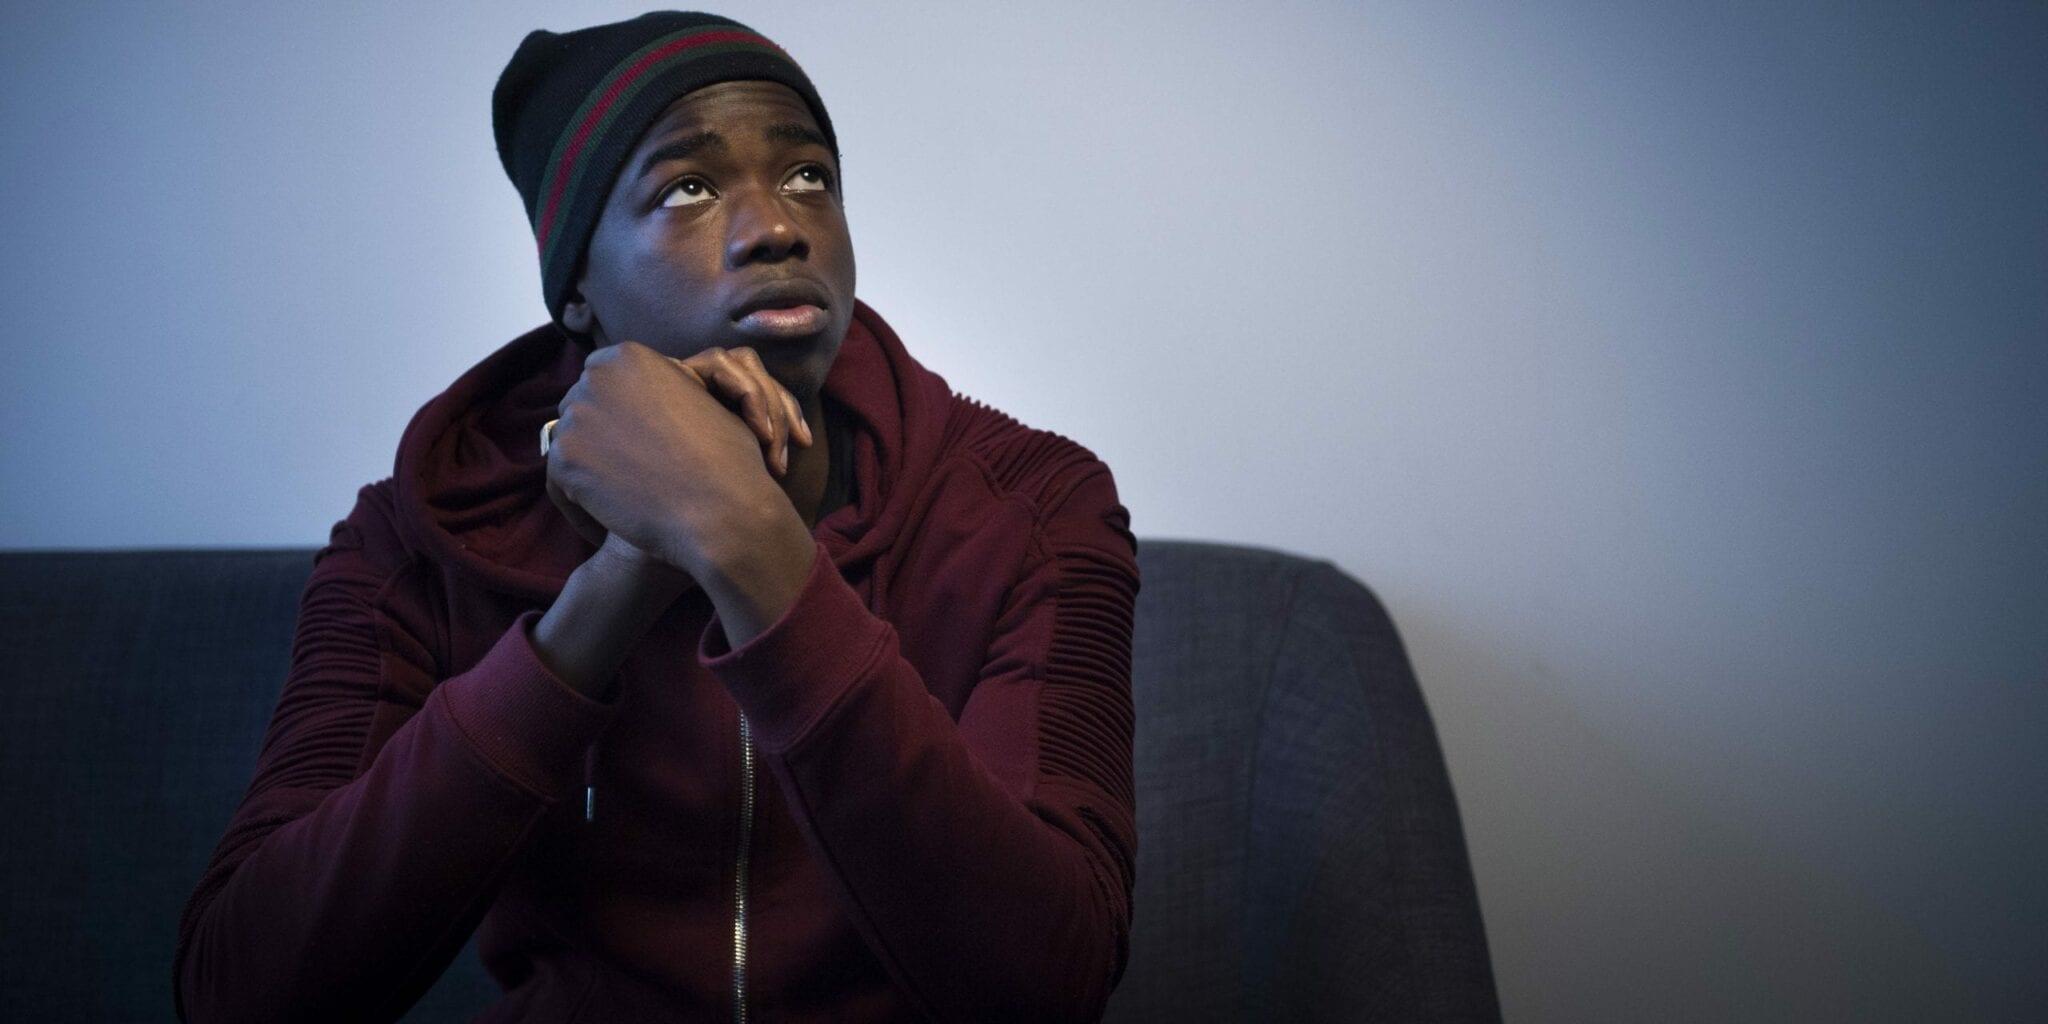 France : Après sa sortie de prison, voici les premiers mots de MHD